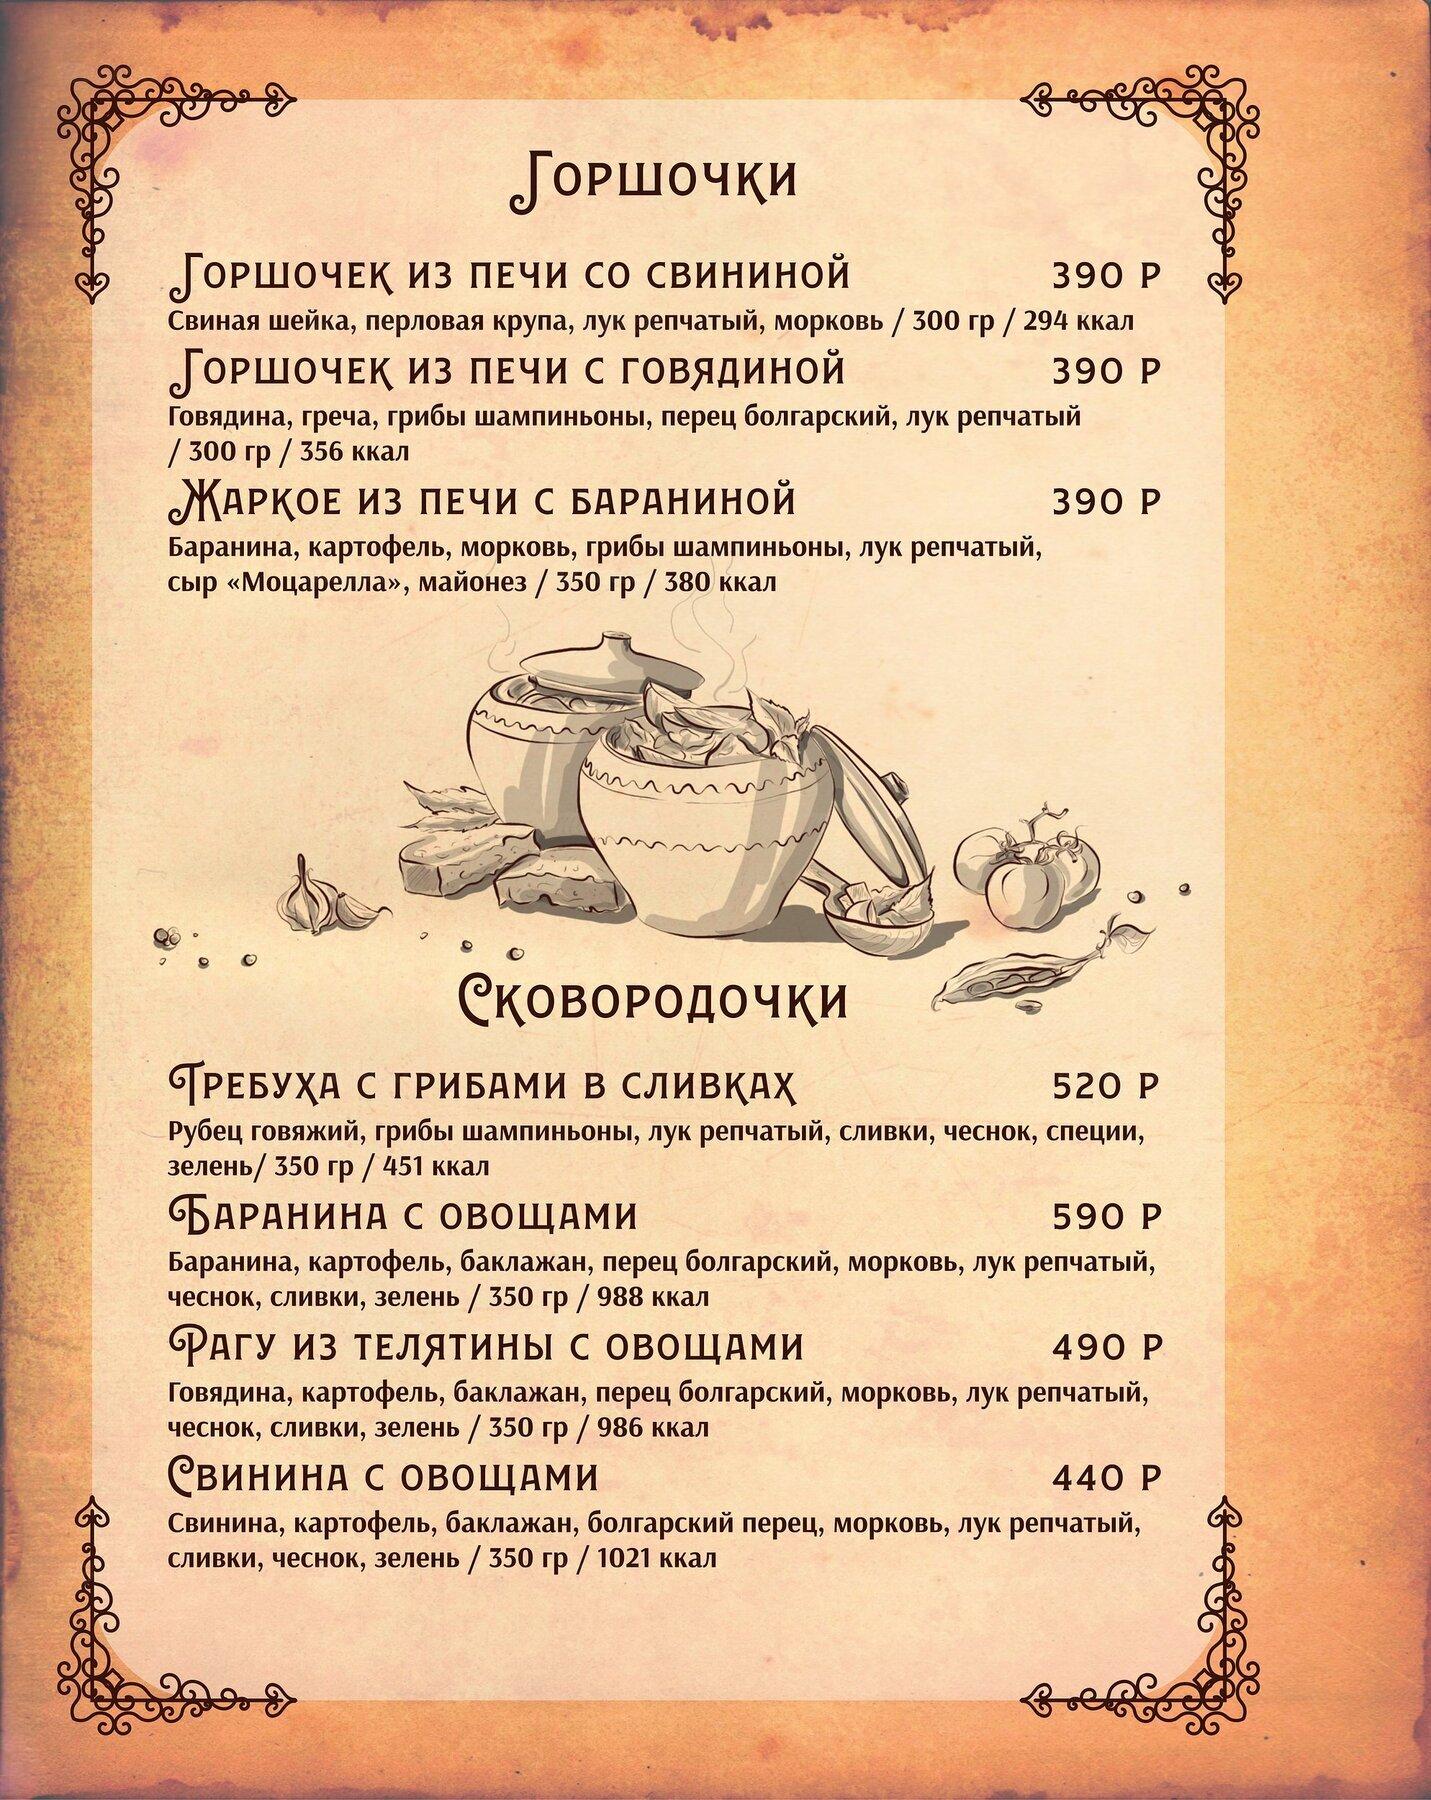 Меню кафе Грильяж на Октябрьской улице фото 10